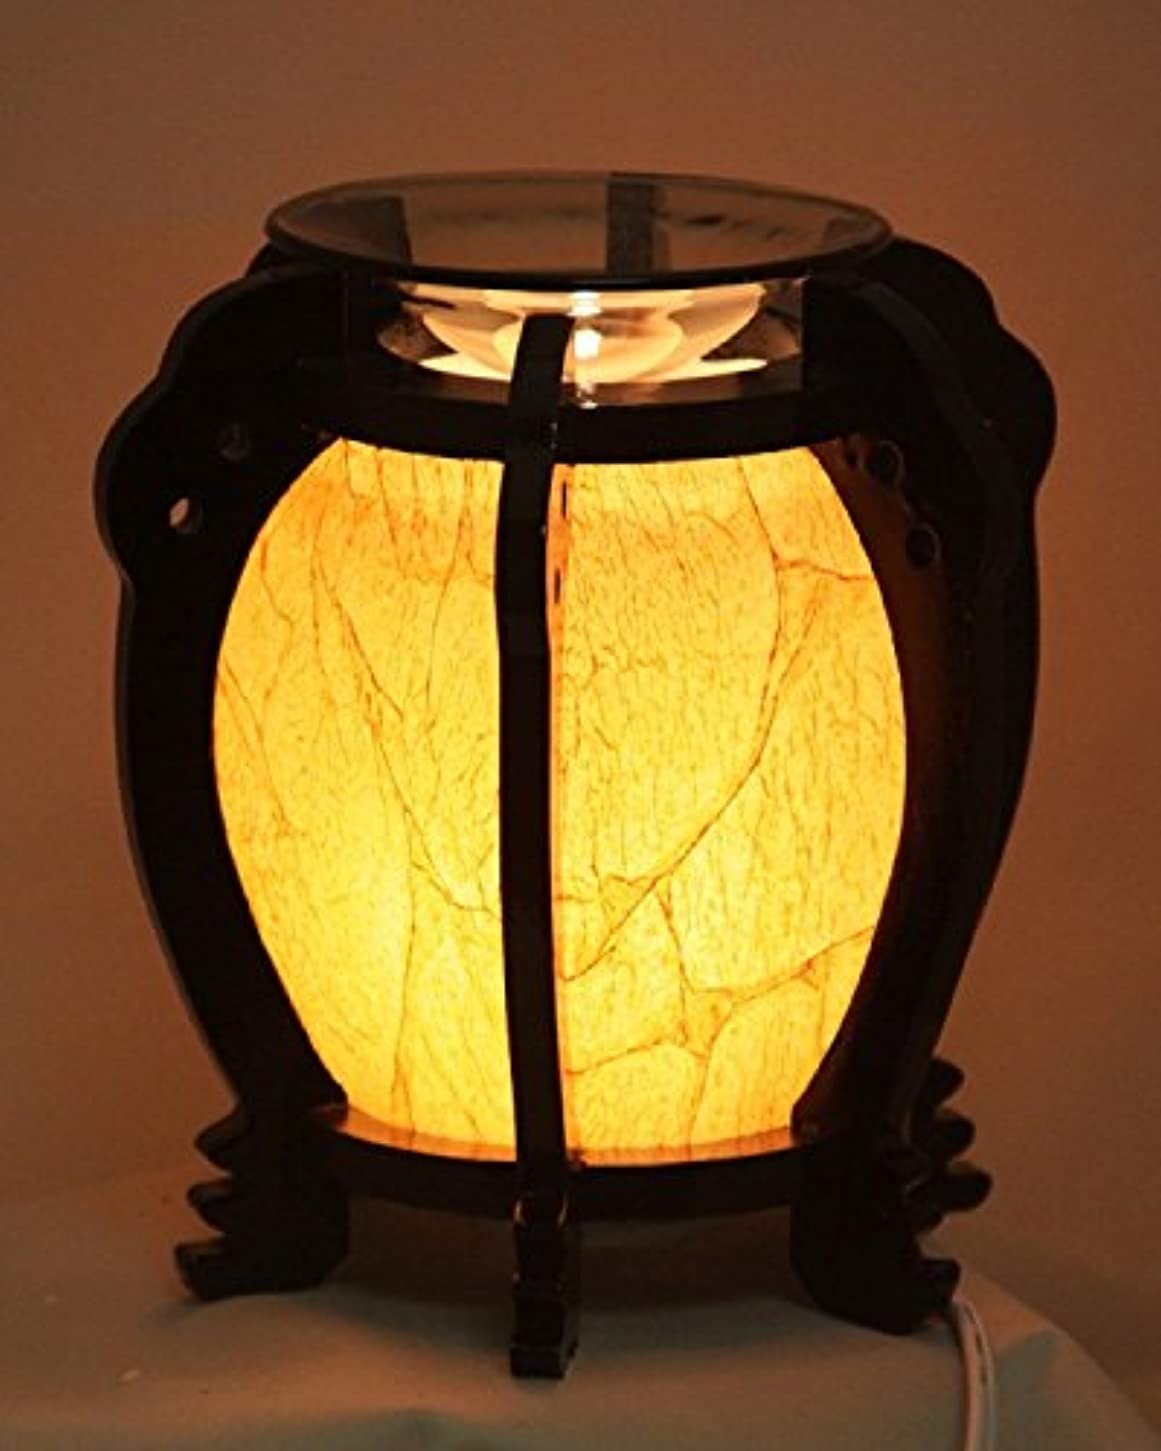 ラフ睡眠縮約ペグ木製ラウンド( ew-647 ) Electric Fragrance Oil Tart Warmer ( Burner / Warmer /ランプ) withディマースイッチ